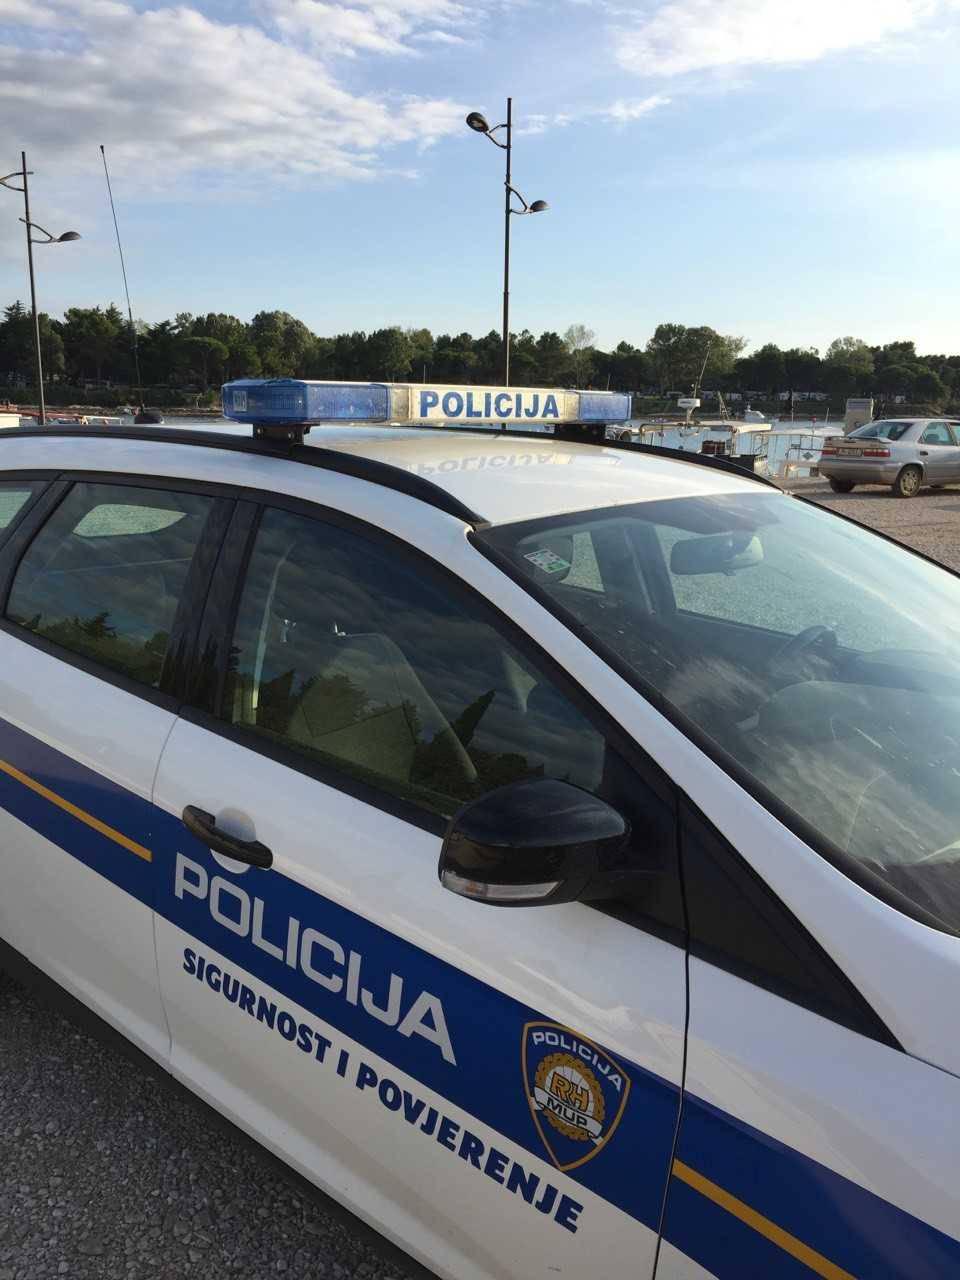 Našli tijelo nestalog muškarca u blizini njegove kuće u Grkinama